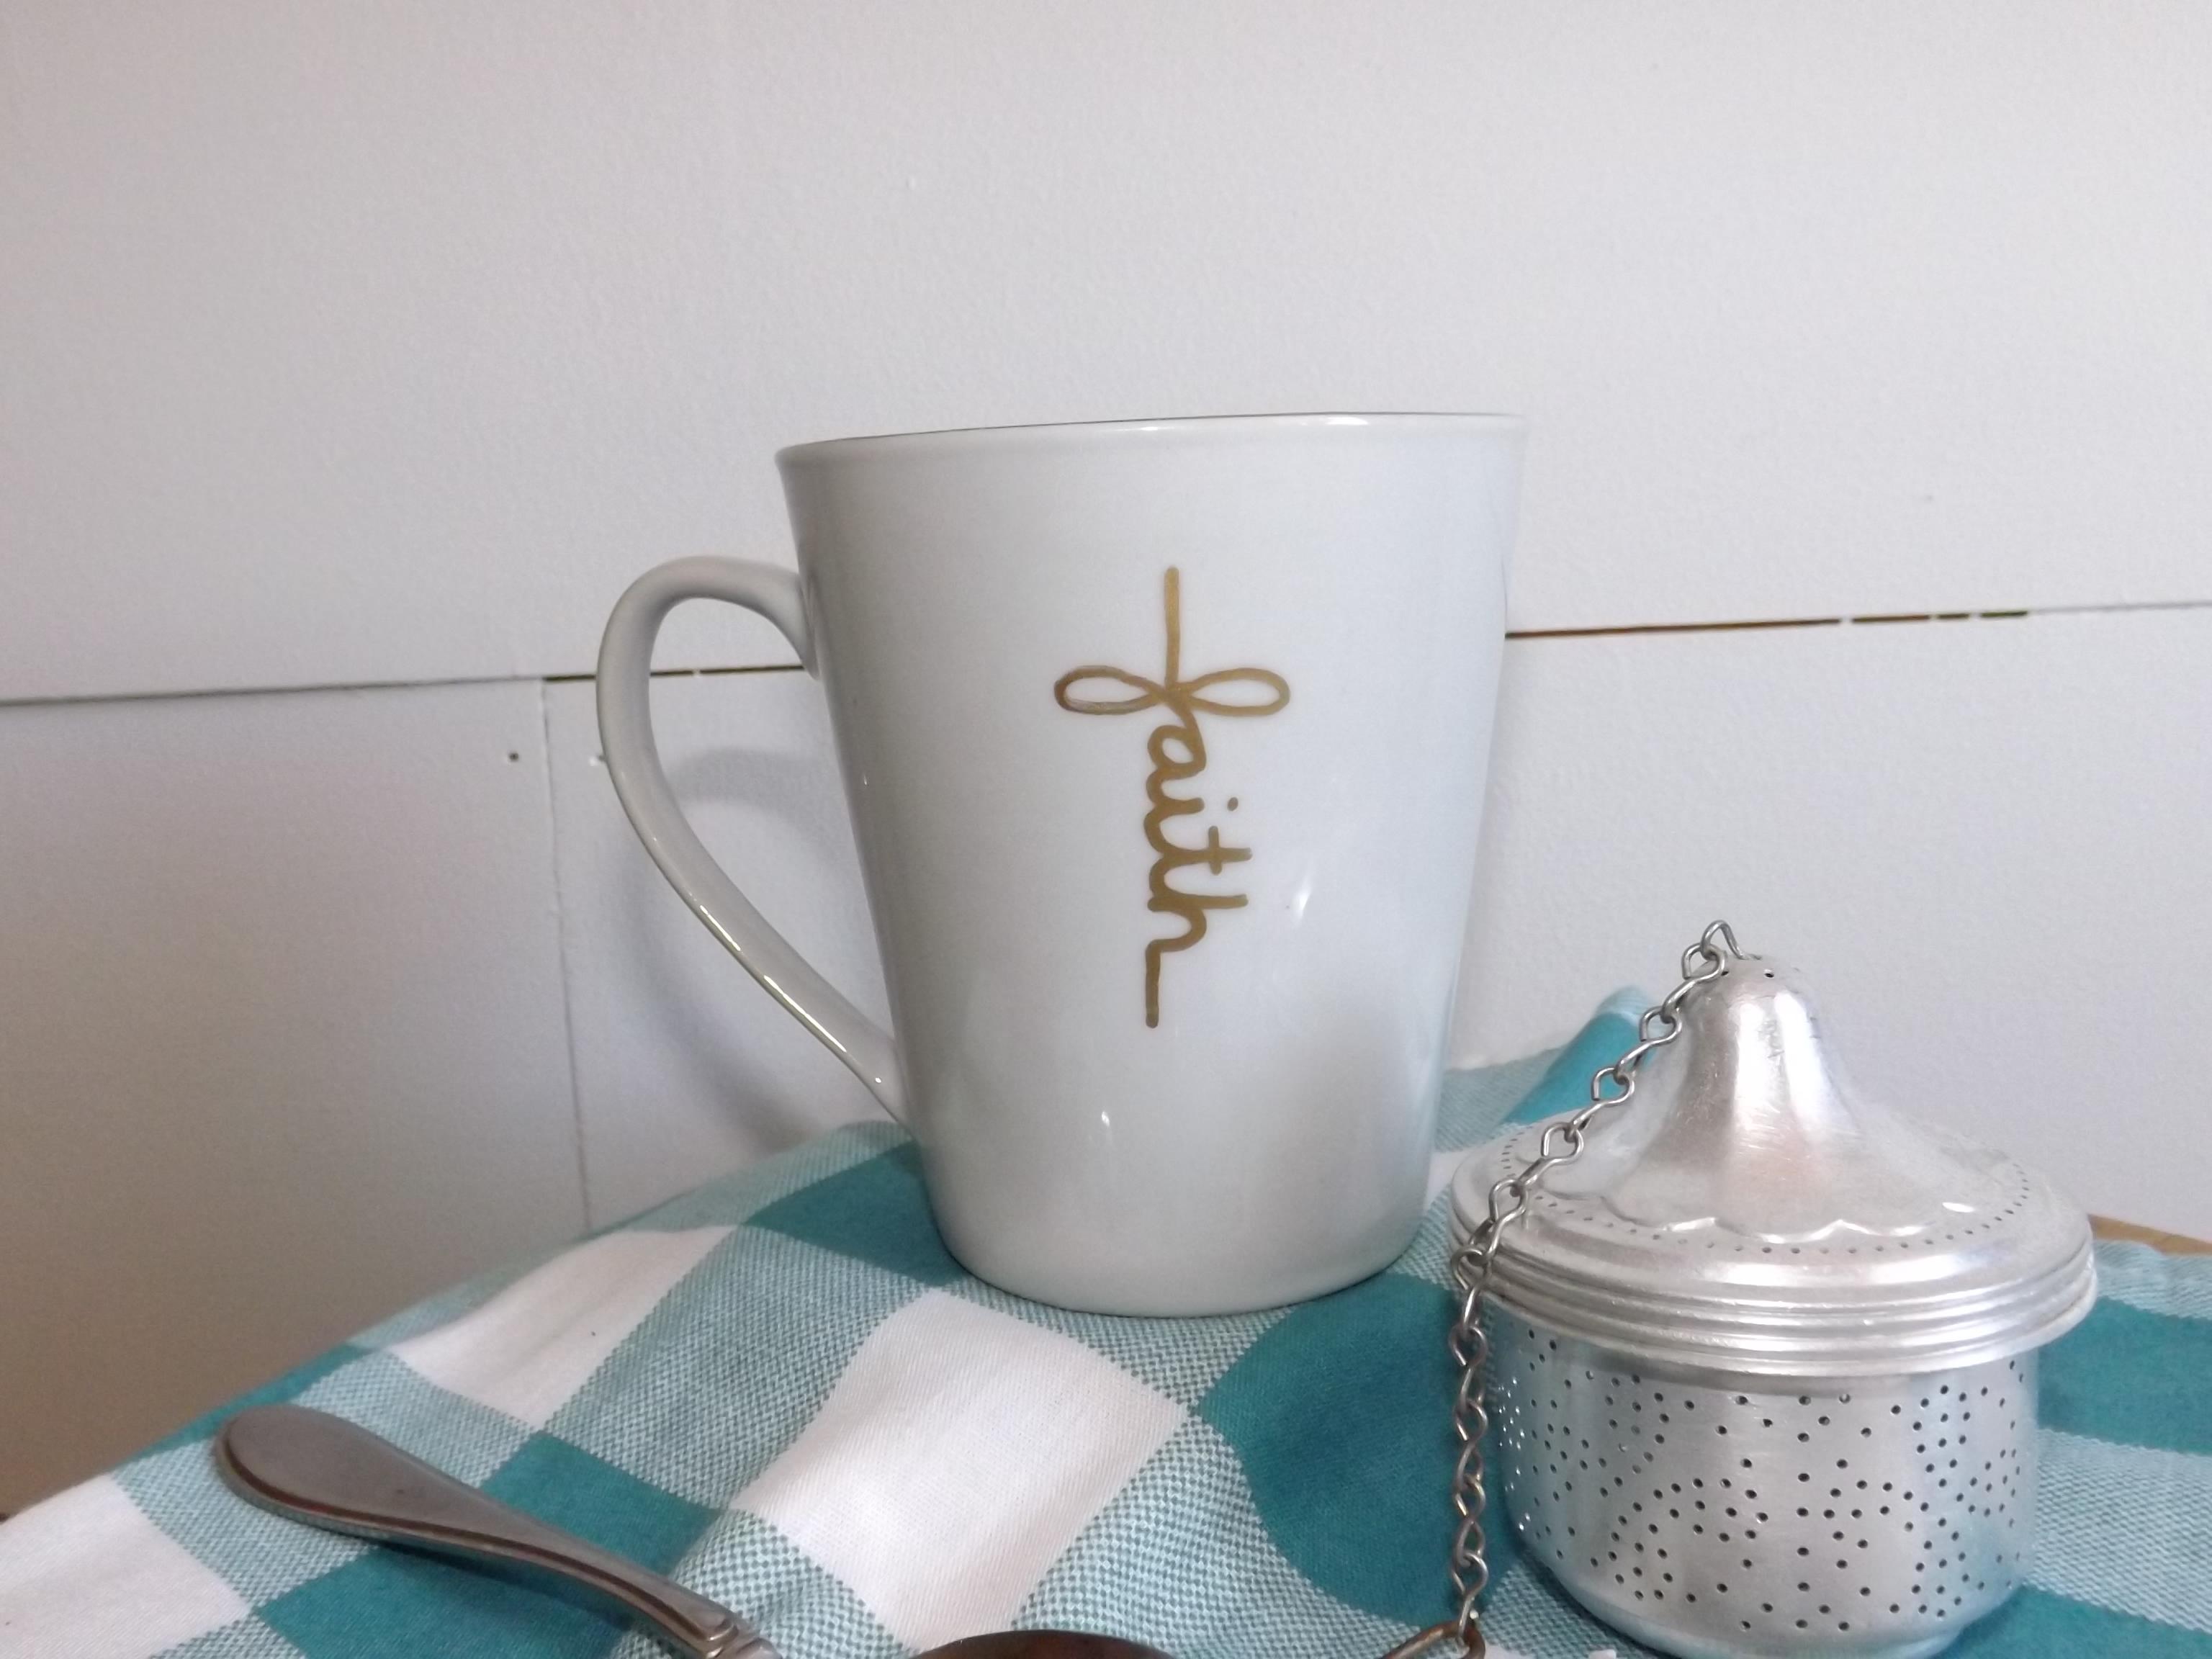 Faith cross mugs